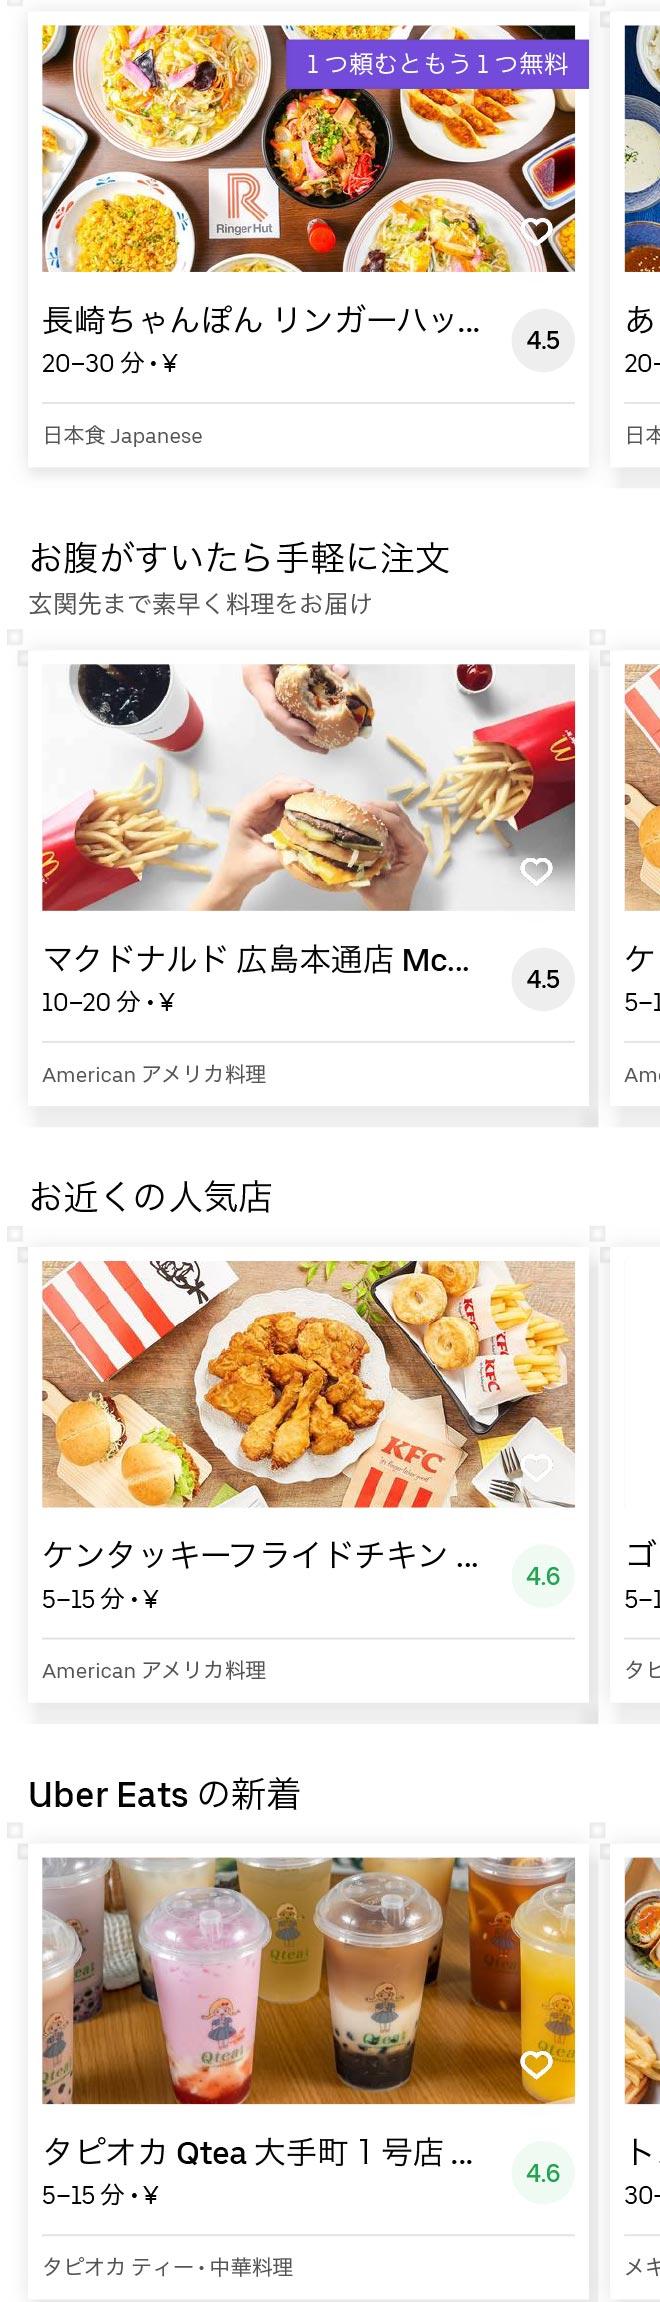 Hiroshima toukaimachi menu 2005 01